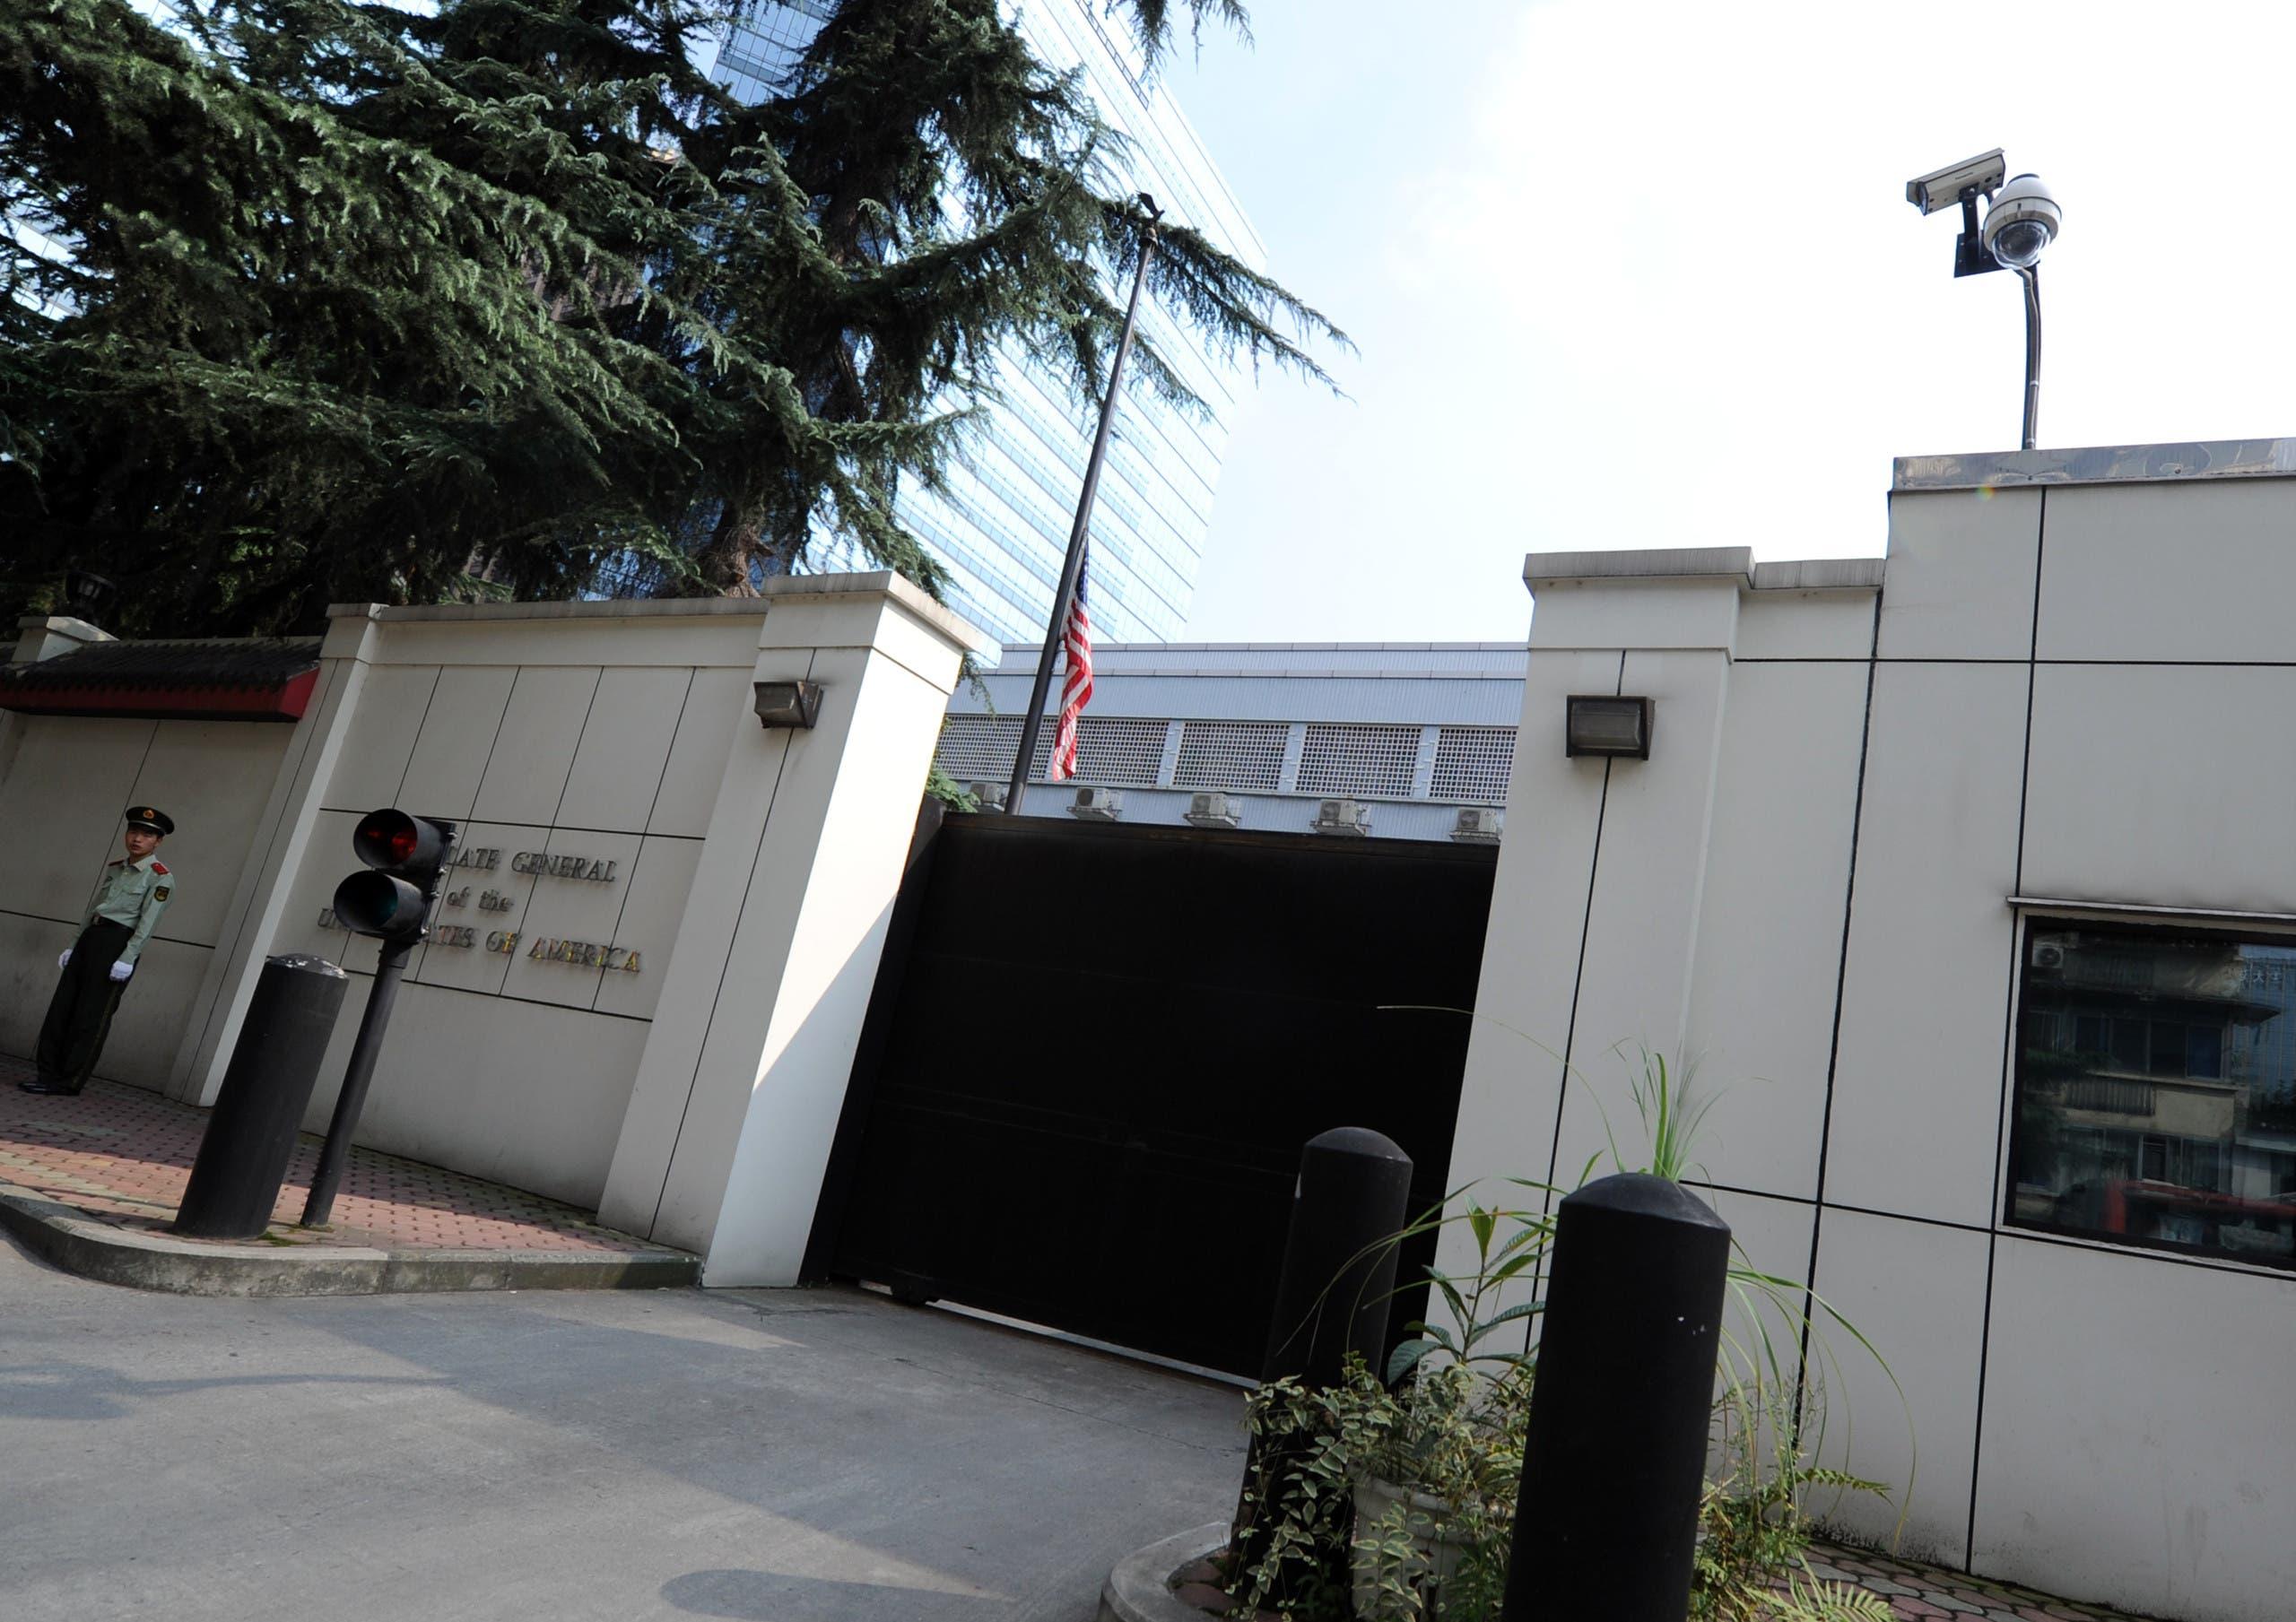 القنصلية الصينية في هيوستن(أرشيفية- فرانس برس)